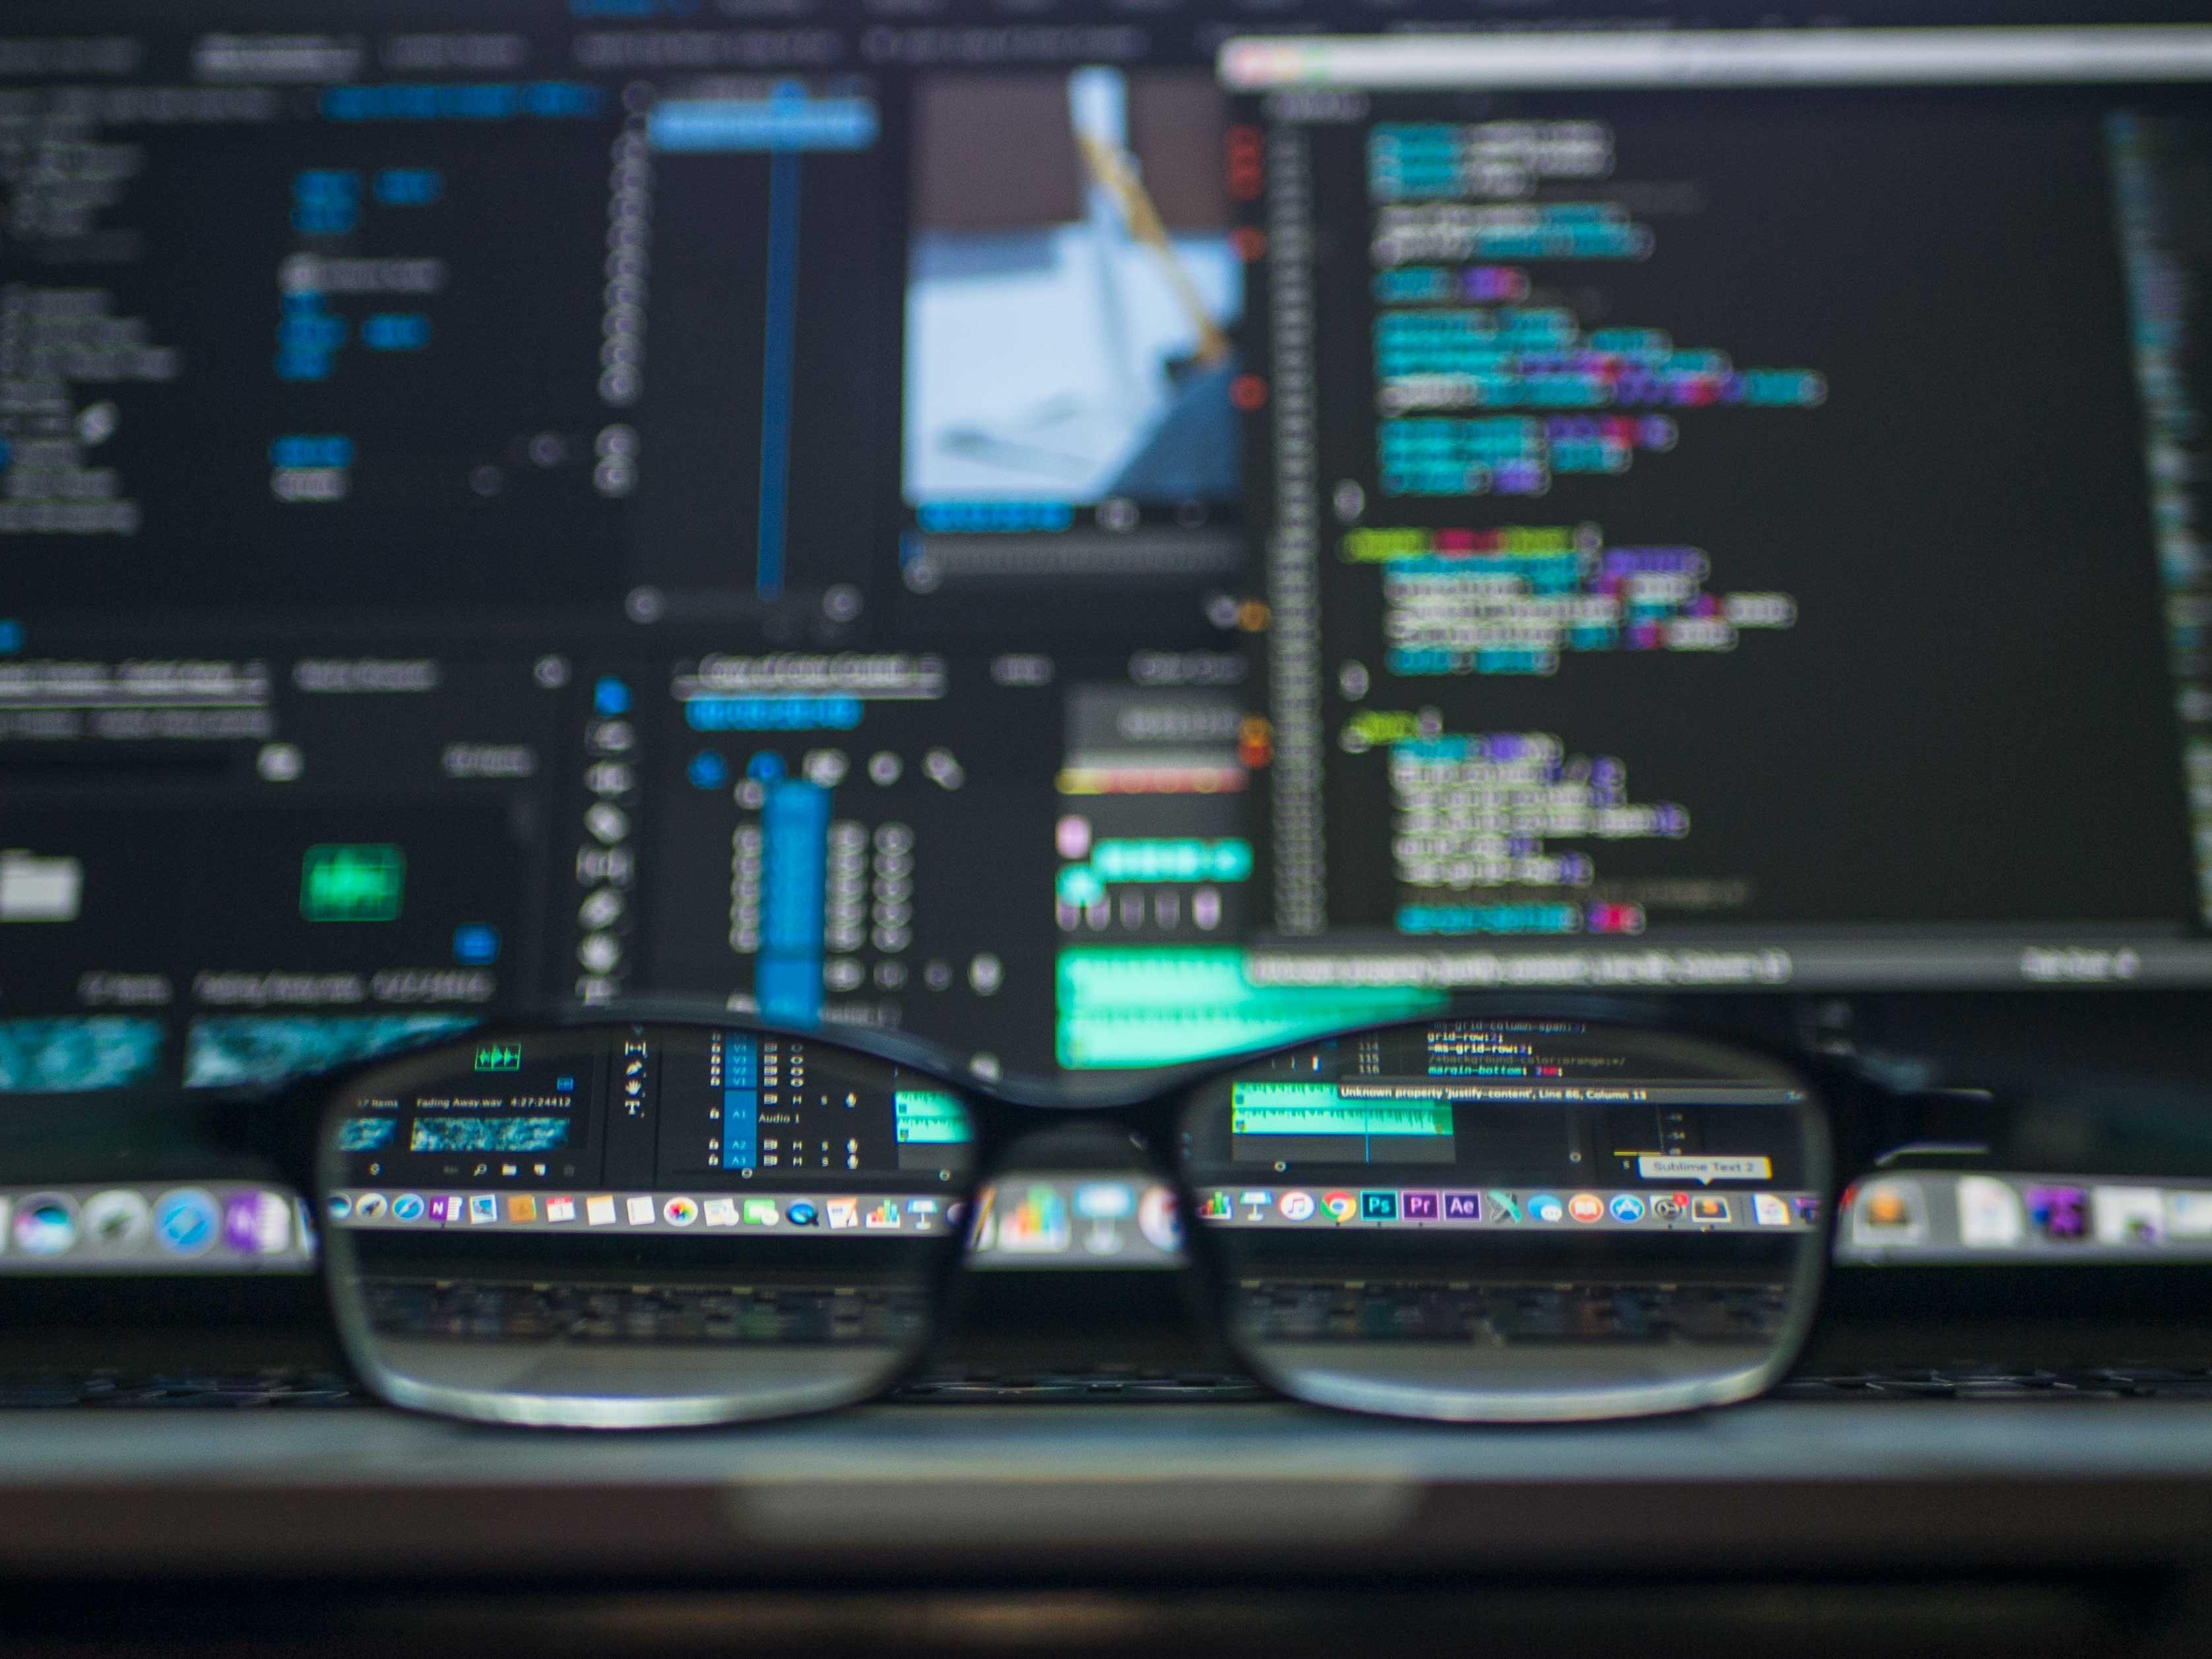 Making Sense of Big Data through Analytics